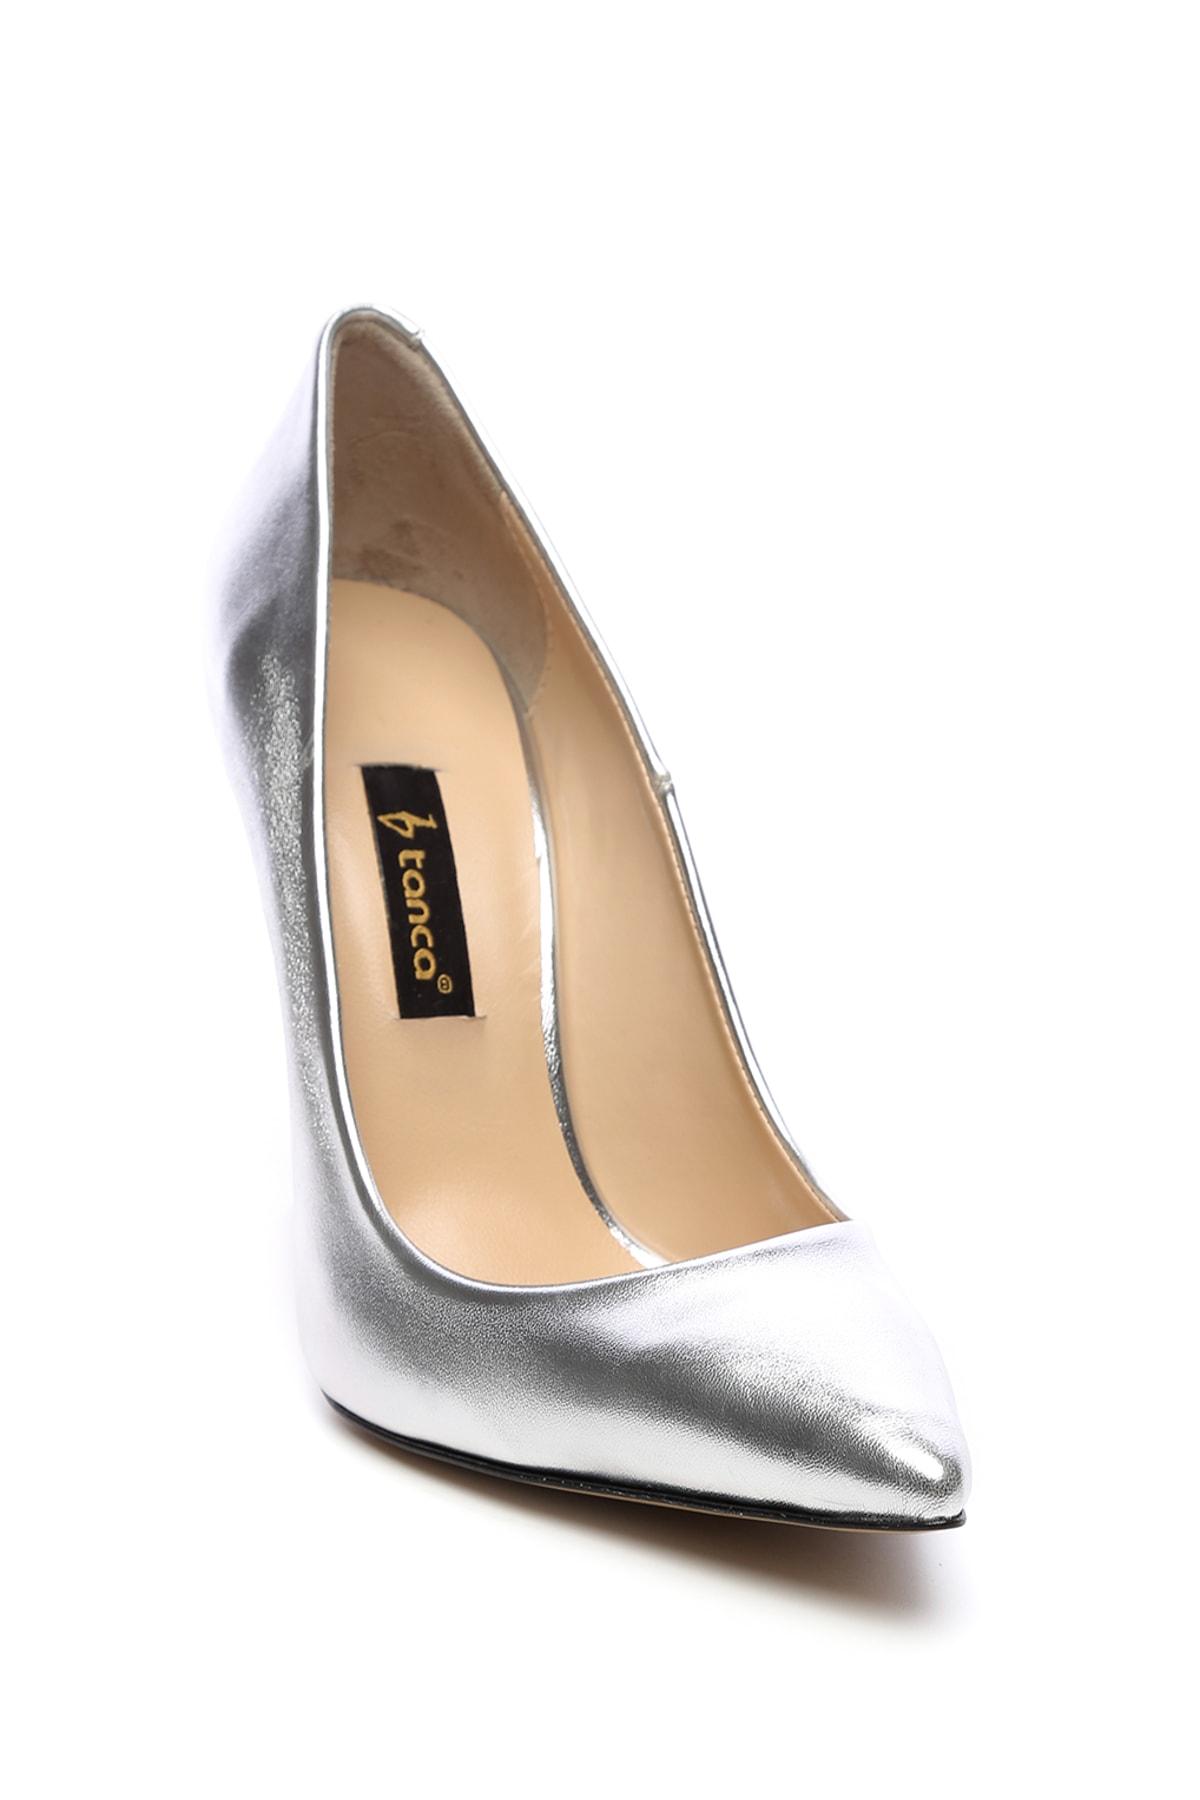 KEMAL TANCA Gri Kadın Vegan Klasik Topuklu Ayakkabı 22 51191 BN AYK Y19 2